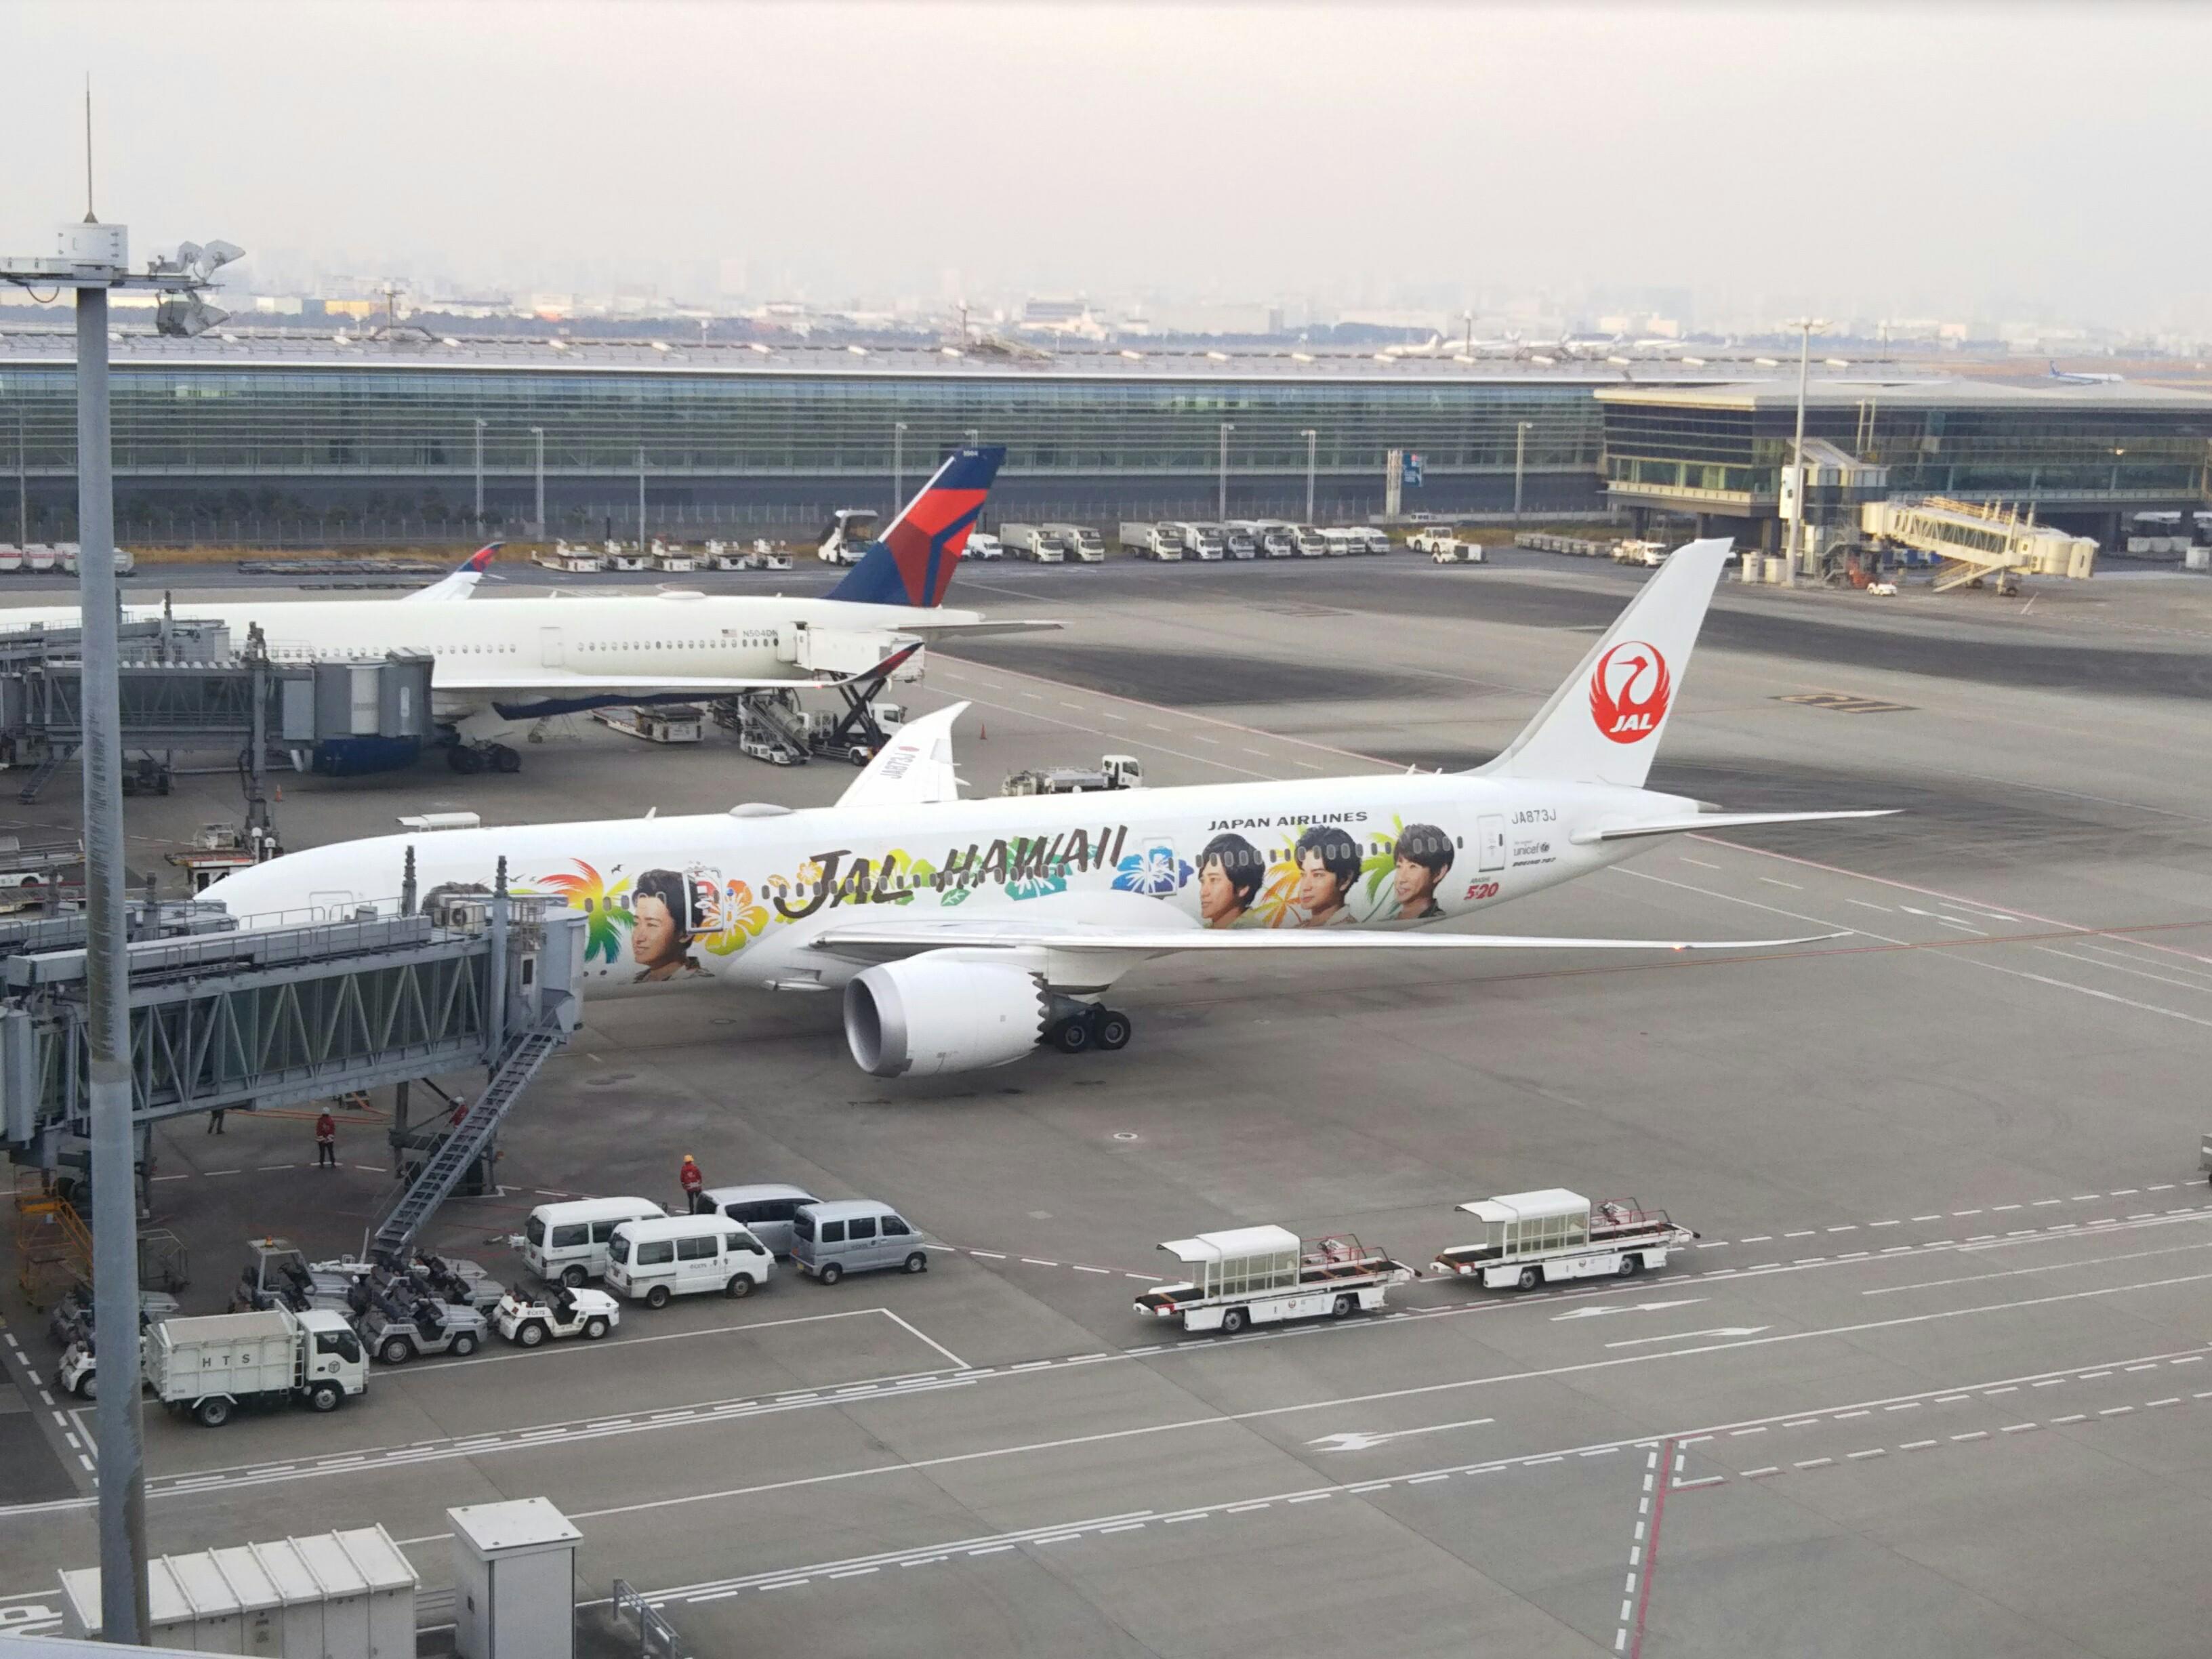 f:id:A350-900:20210110081059j:image